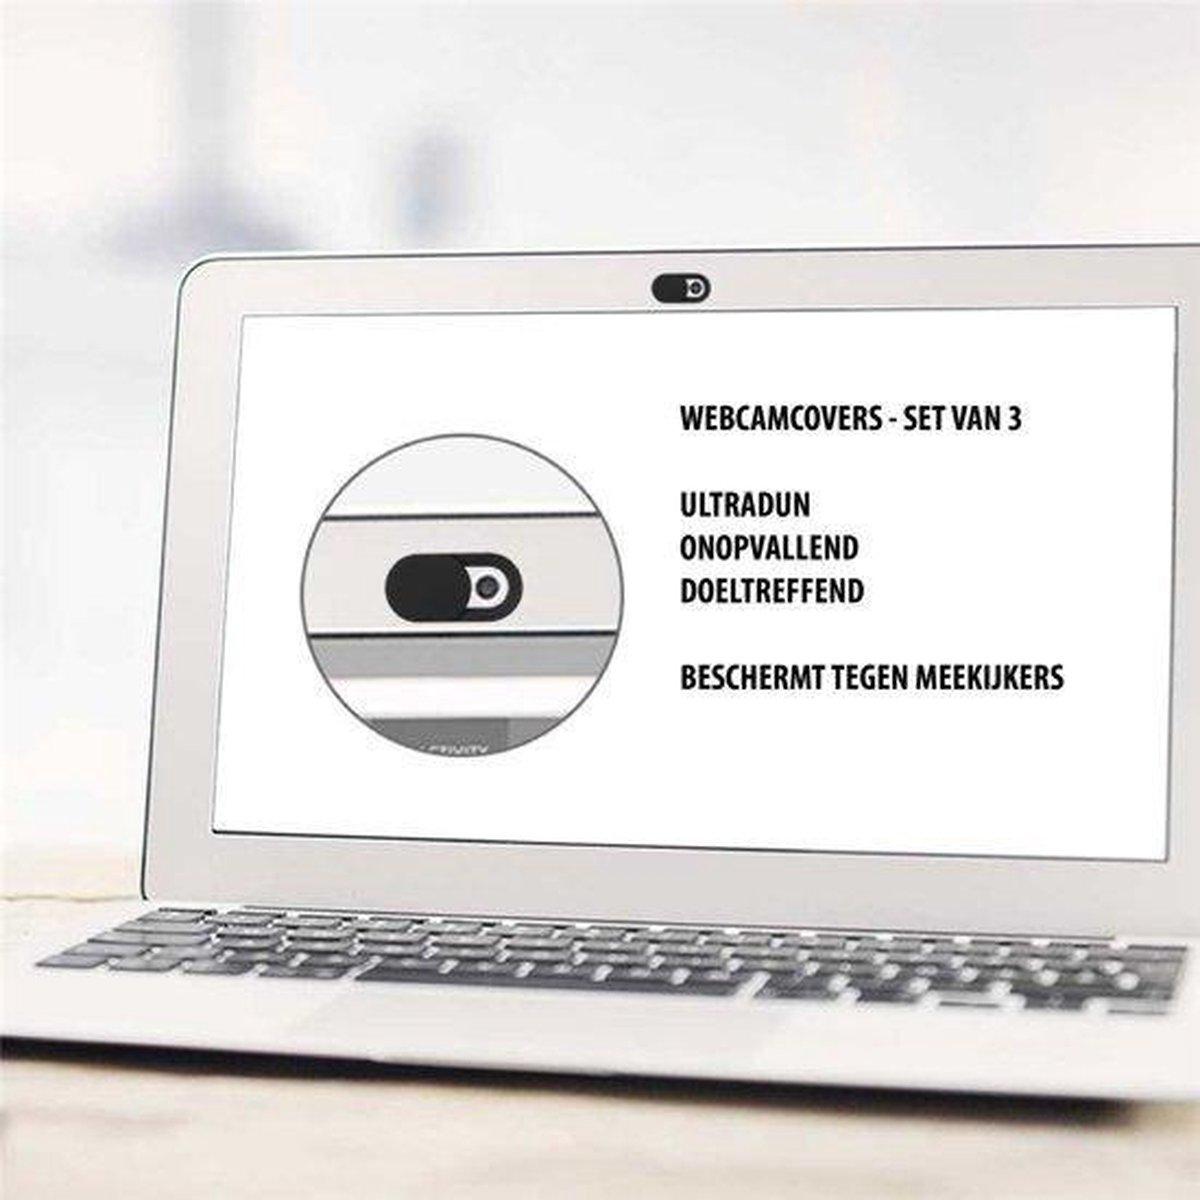 Webcam Cover Wit (3 pack) / Ultradun, Onopvallend en Doeltreffend / Beschermt Tegen Meekijkers!